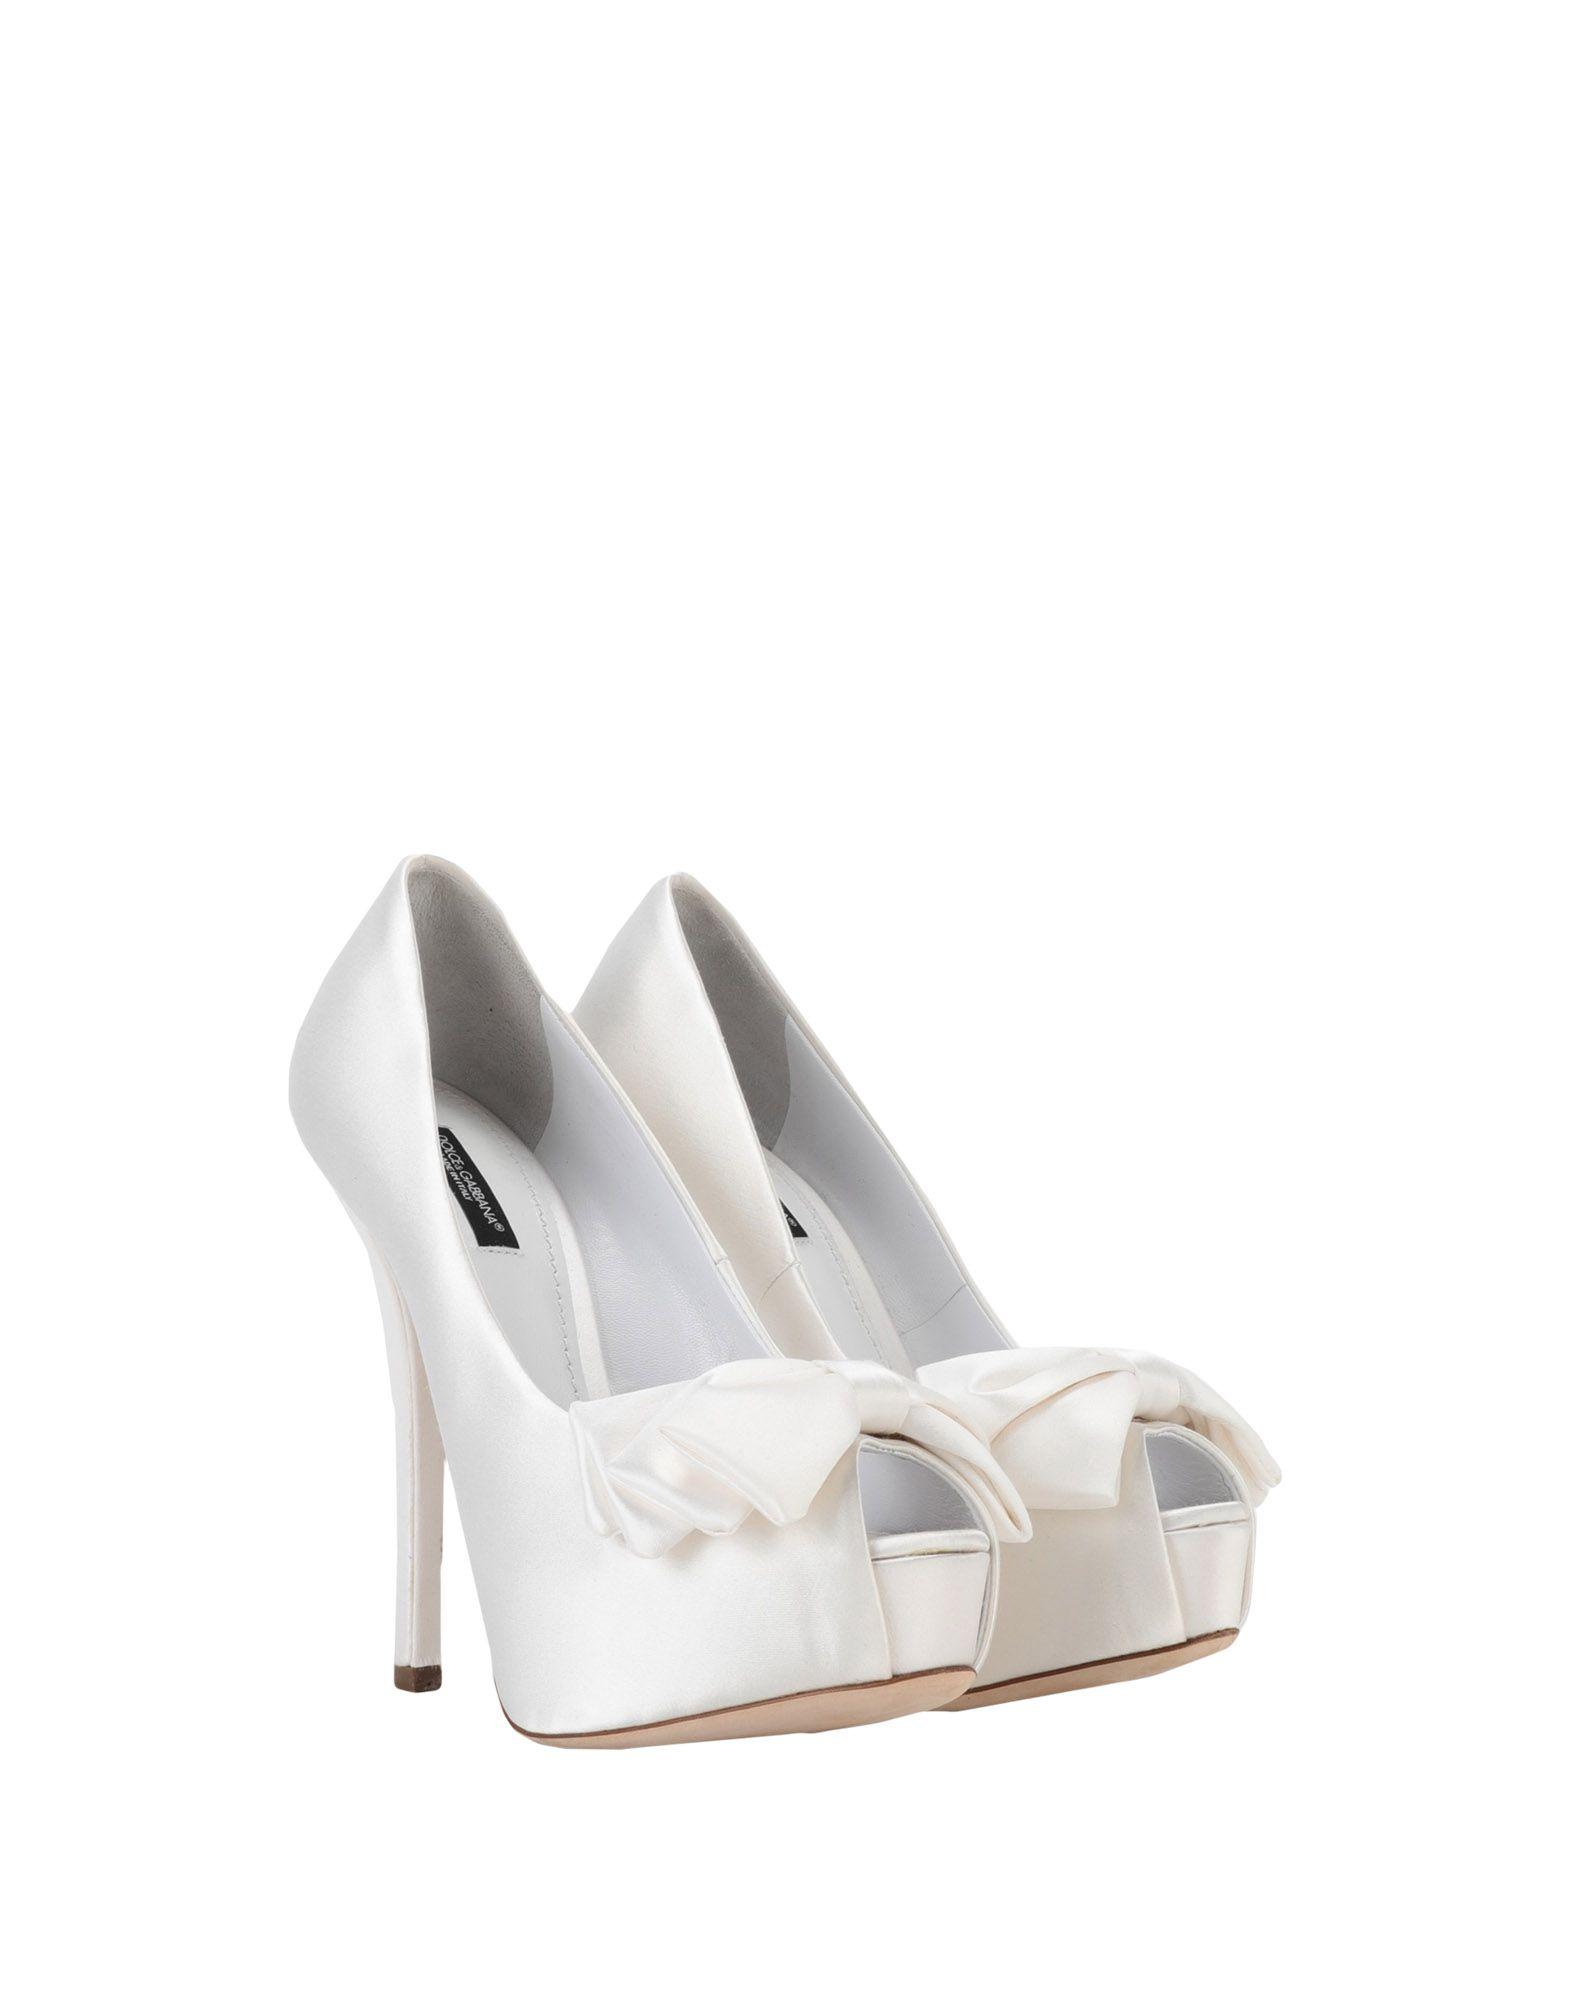 Dolce & Gabbana Pumps lohnt Damen Gutes Preis-Leistungs-Verhältnis, es lohnt Pumps sich,Sonderangebot-16812 37d4e2